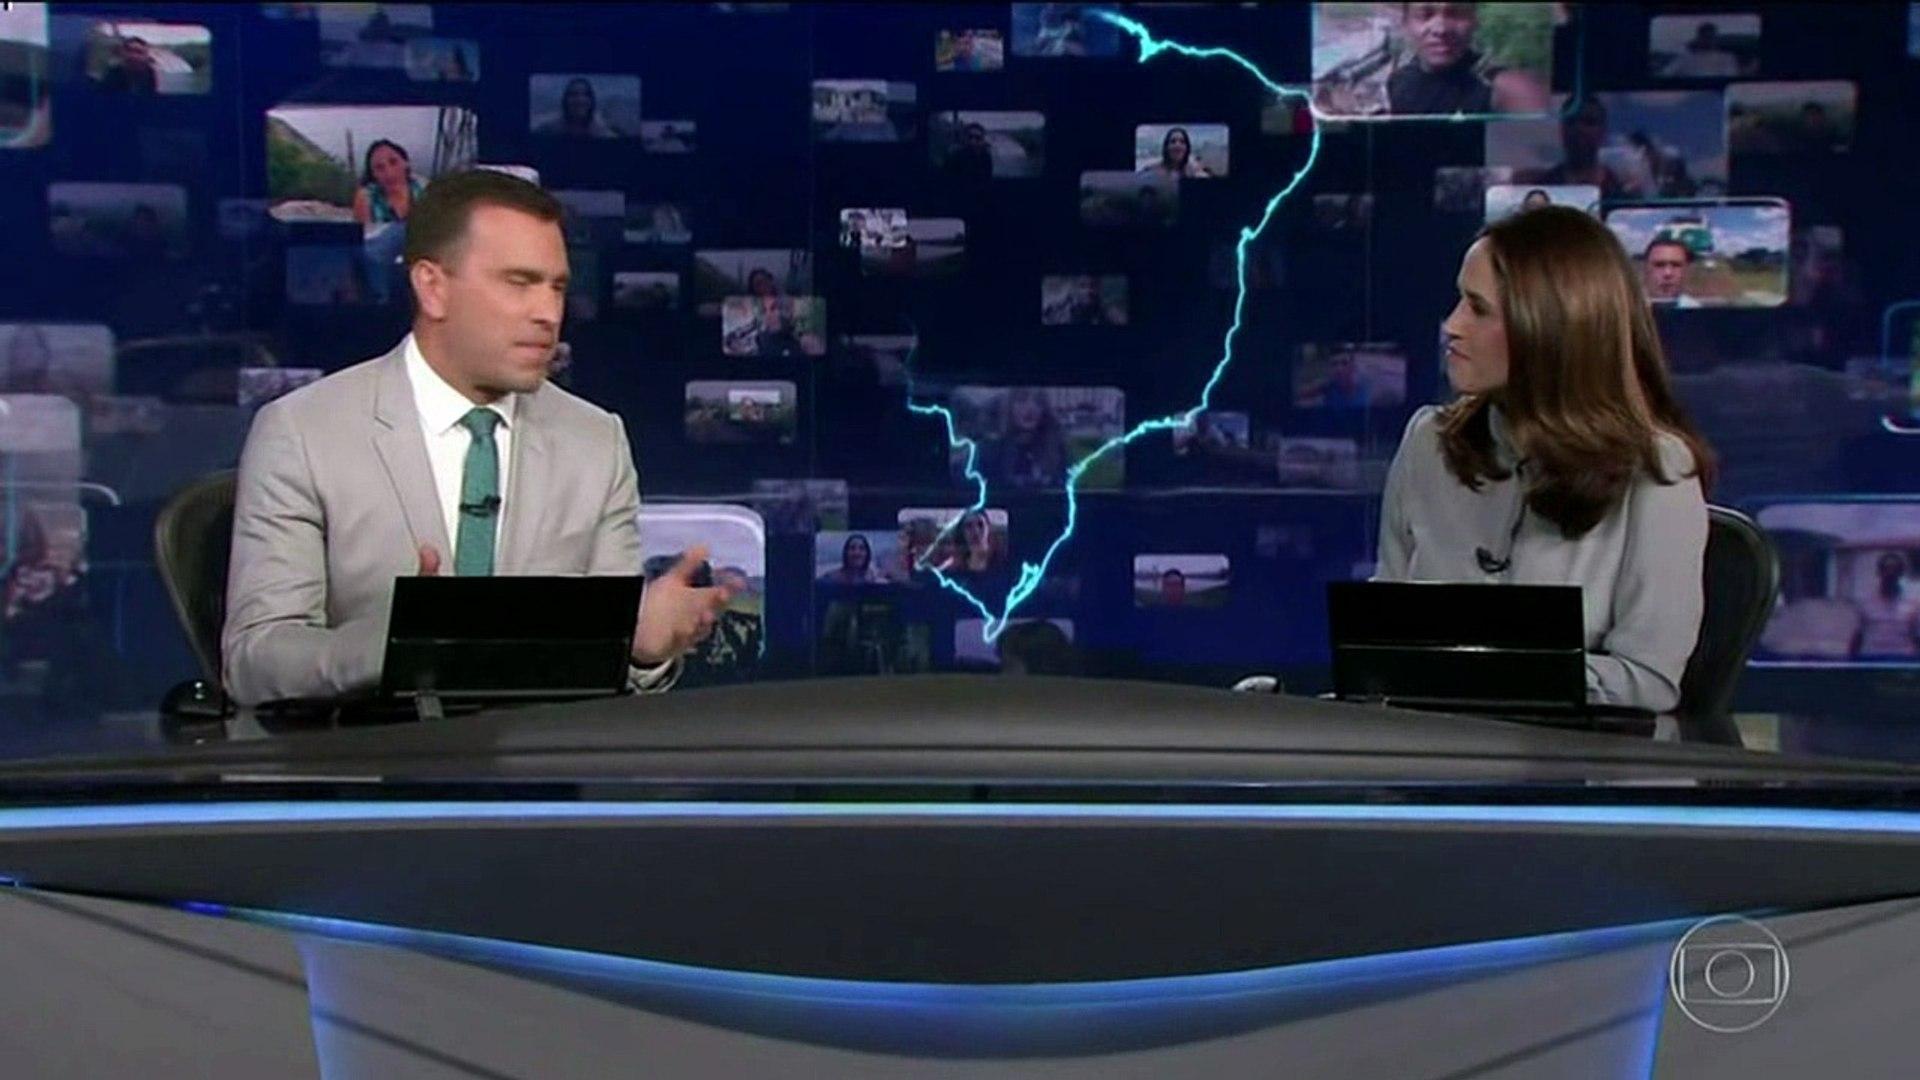 Sertanejo faz desabafo na globo: 'Quero um país onde o eleitor não troque o seu voto por ciment